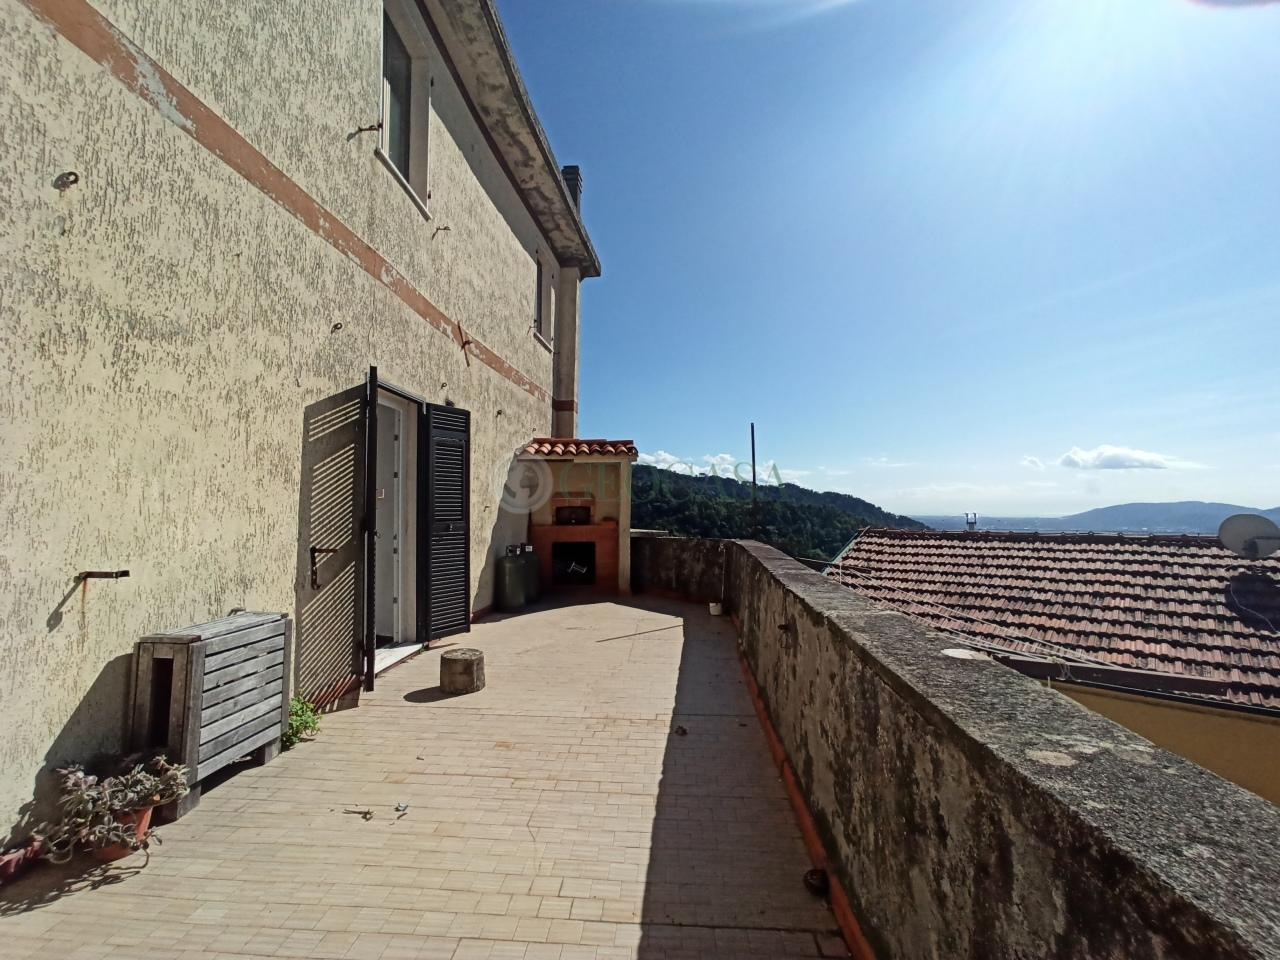 Appartamento in vendita a Podenzana, 5 locali, prezzo € 108.000 | PortaleAgenzieImmobiliari.it